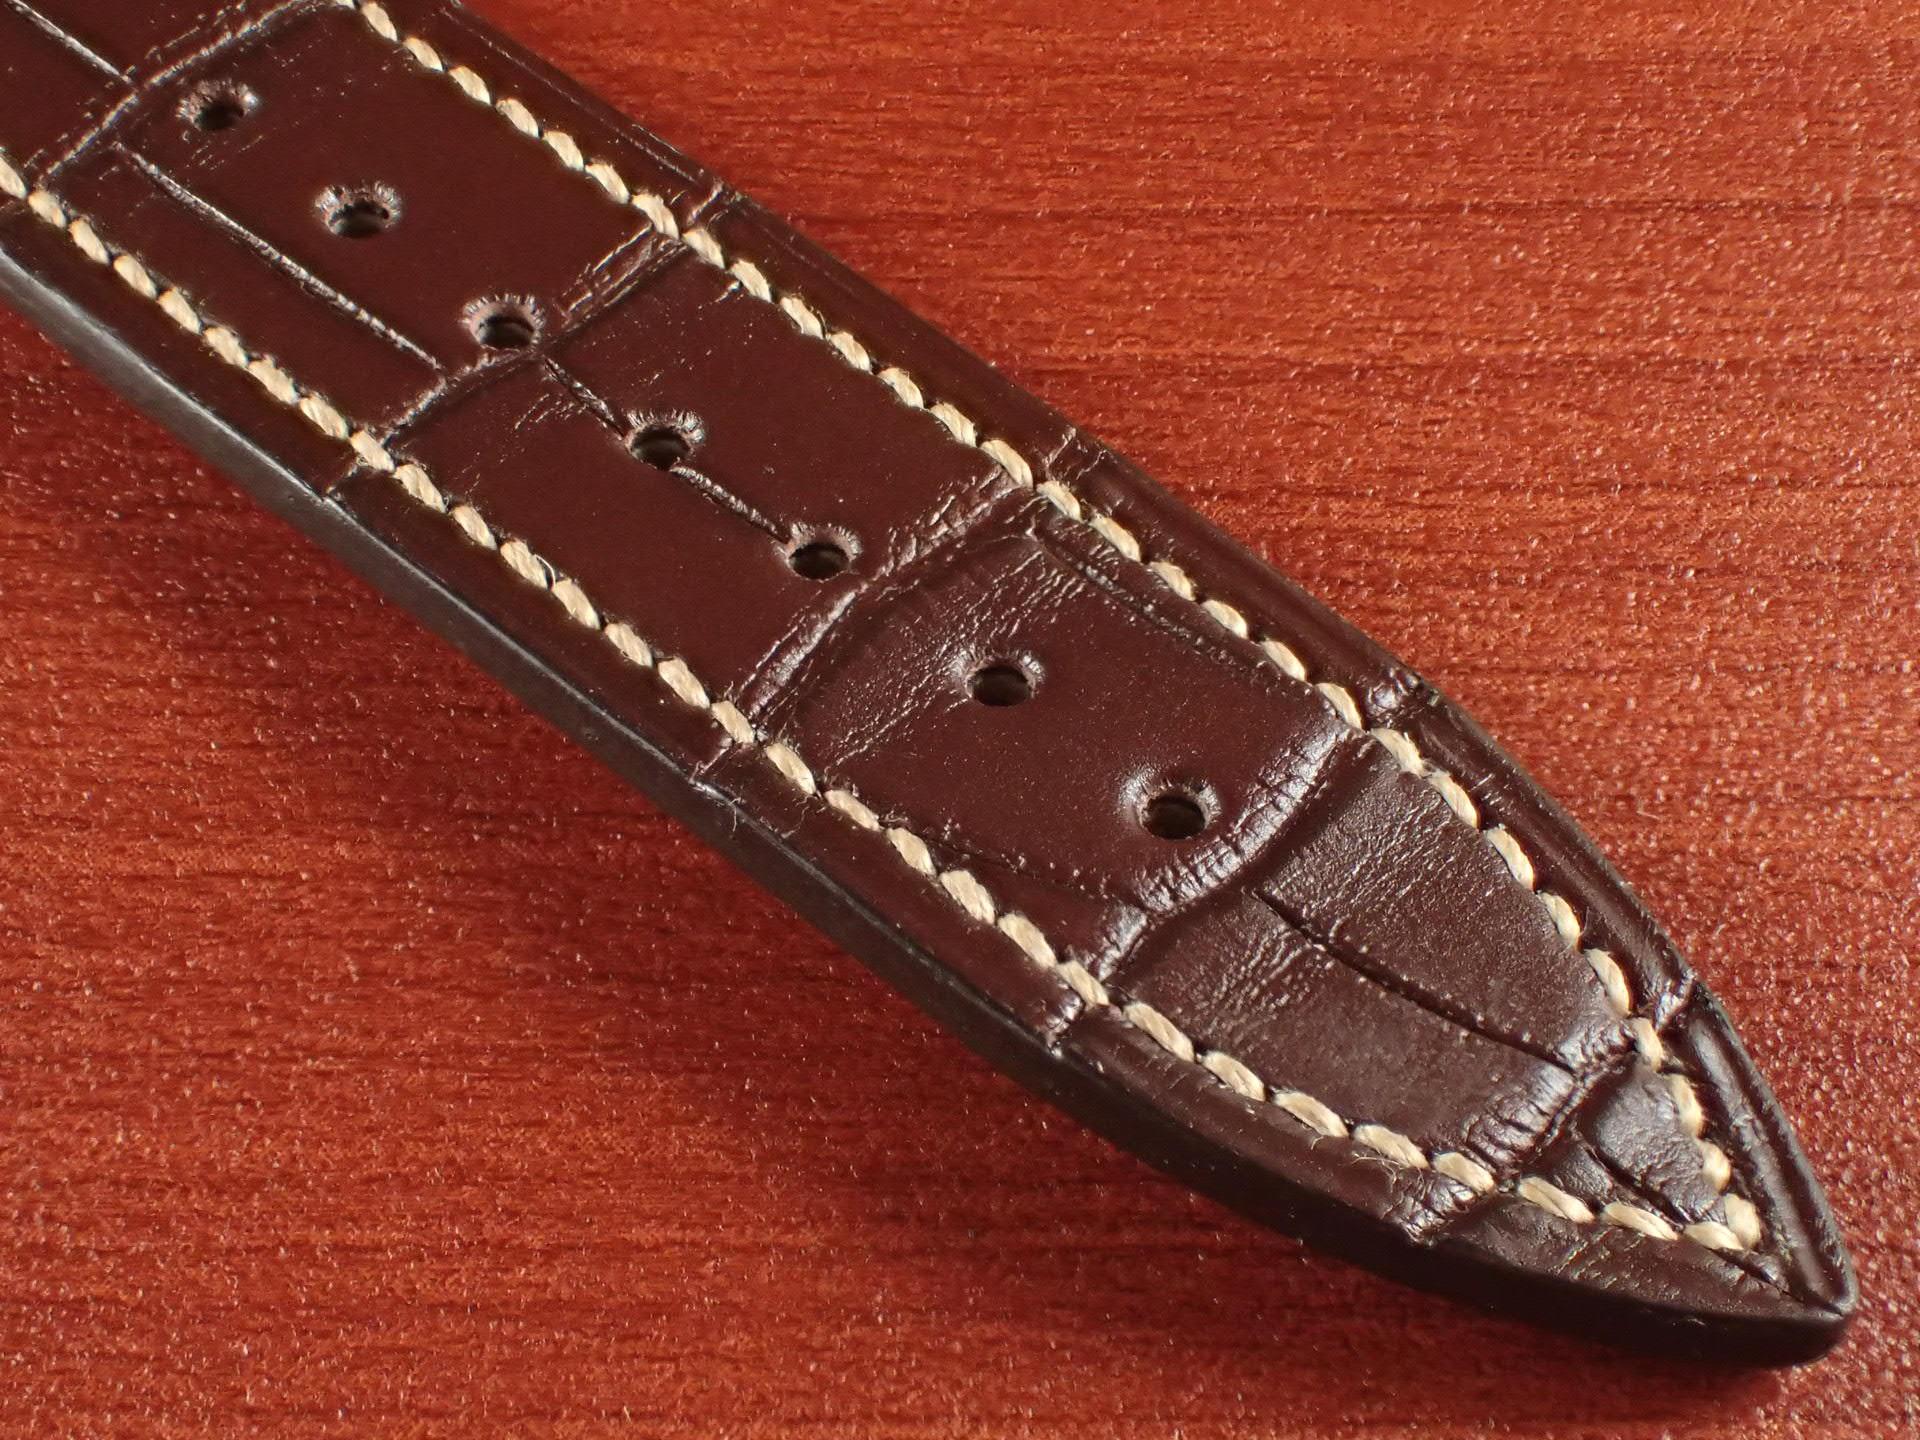 ジャン・クロード ペラン革ベルト クロコダイル ダークブラウン 18mmの写真5枚目